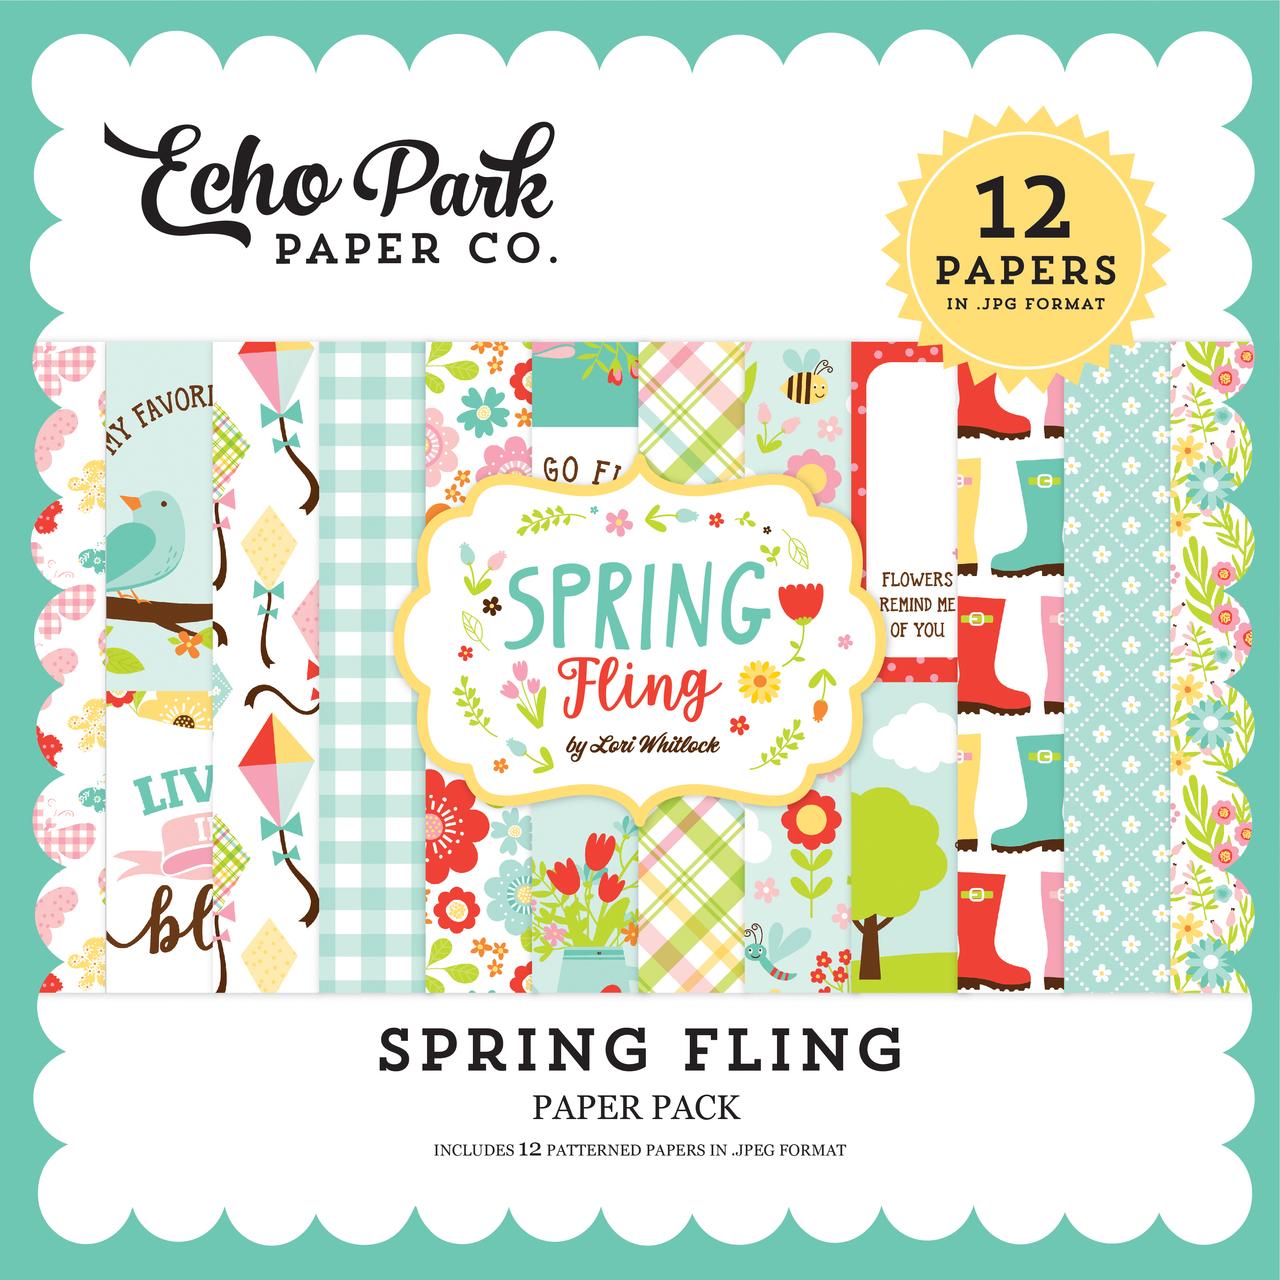 Spring Fling Paper Pack